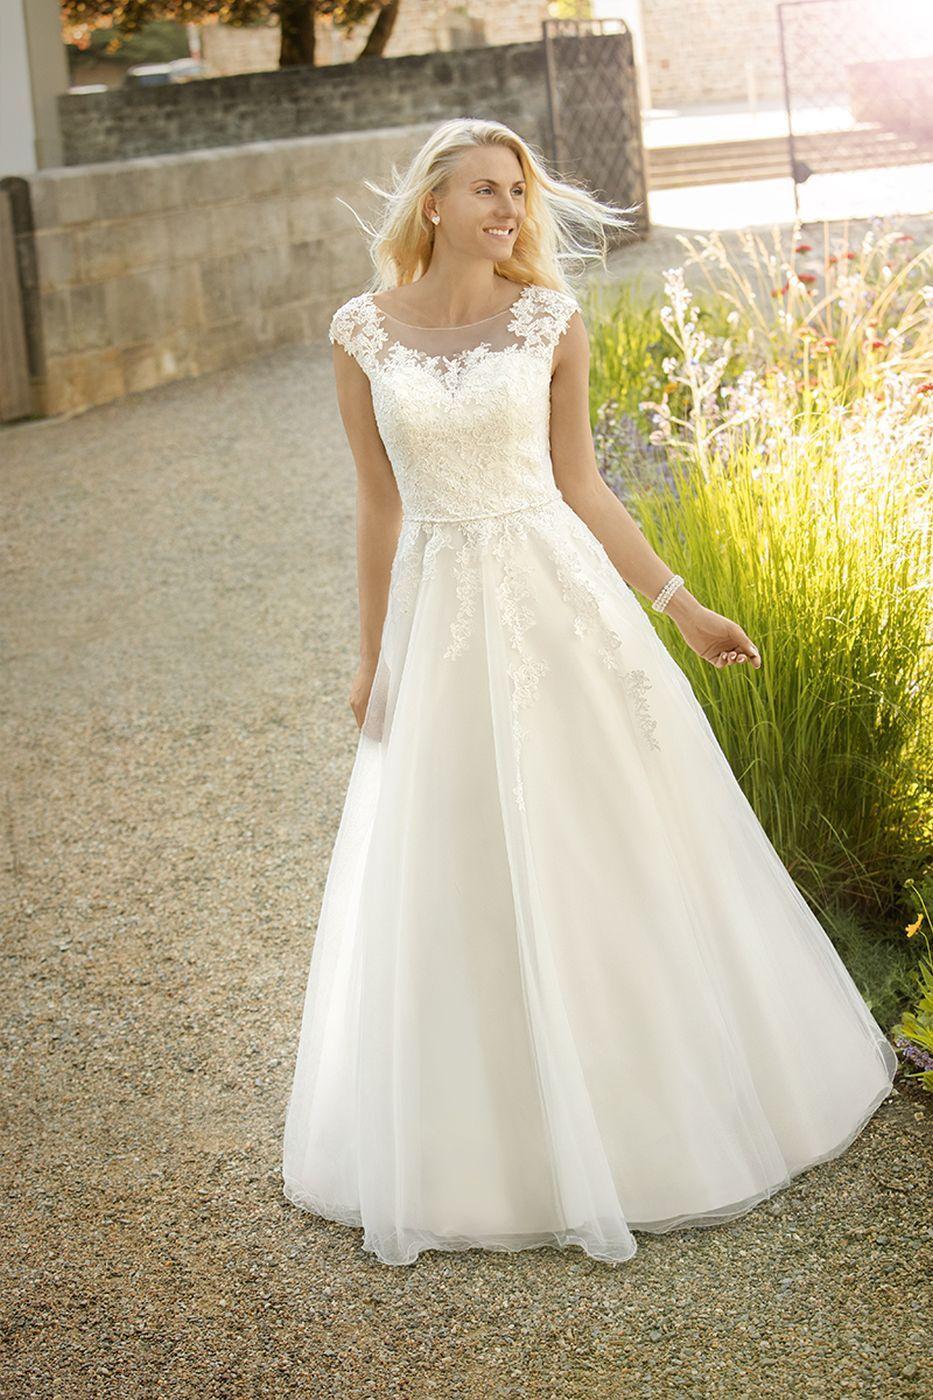 Einmal sich wie eine Prinzessin fühlen! In diesem Kleid ...